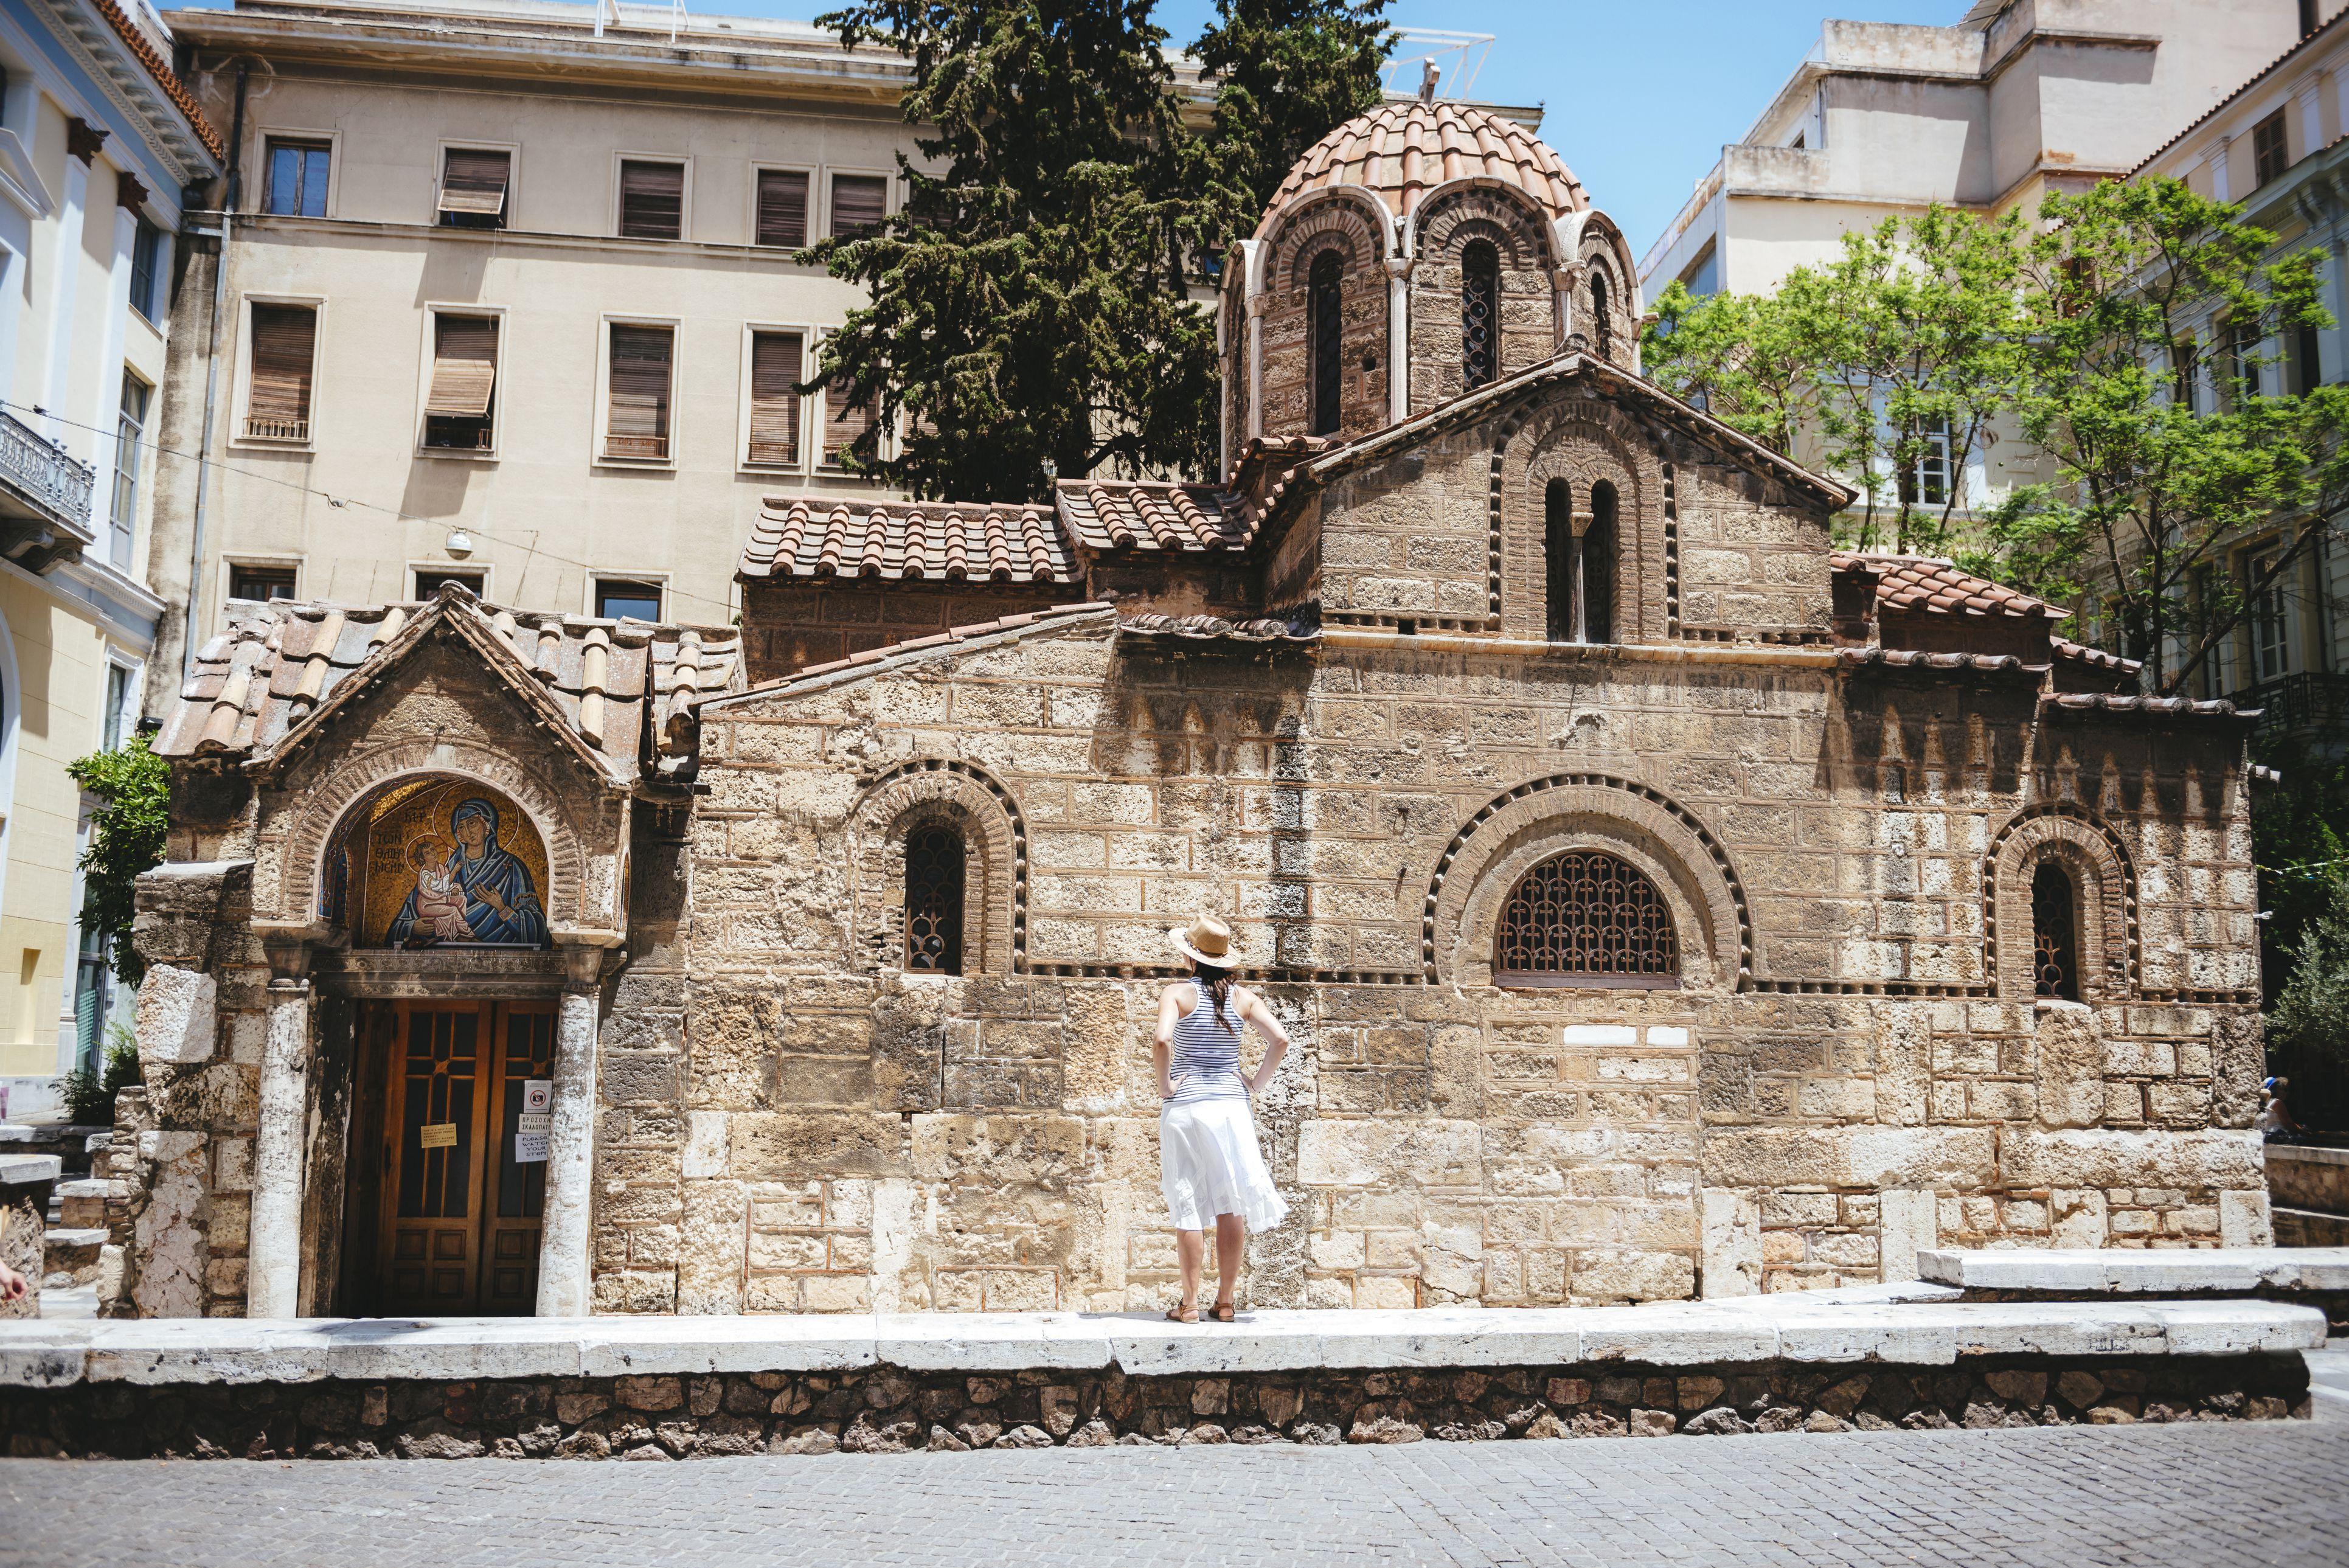 Museo Bizantino y Cristiano